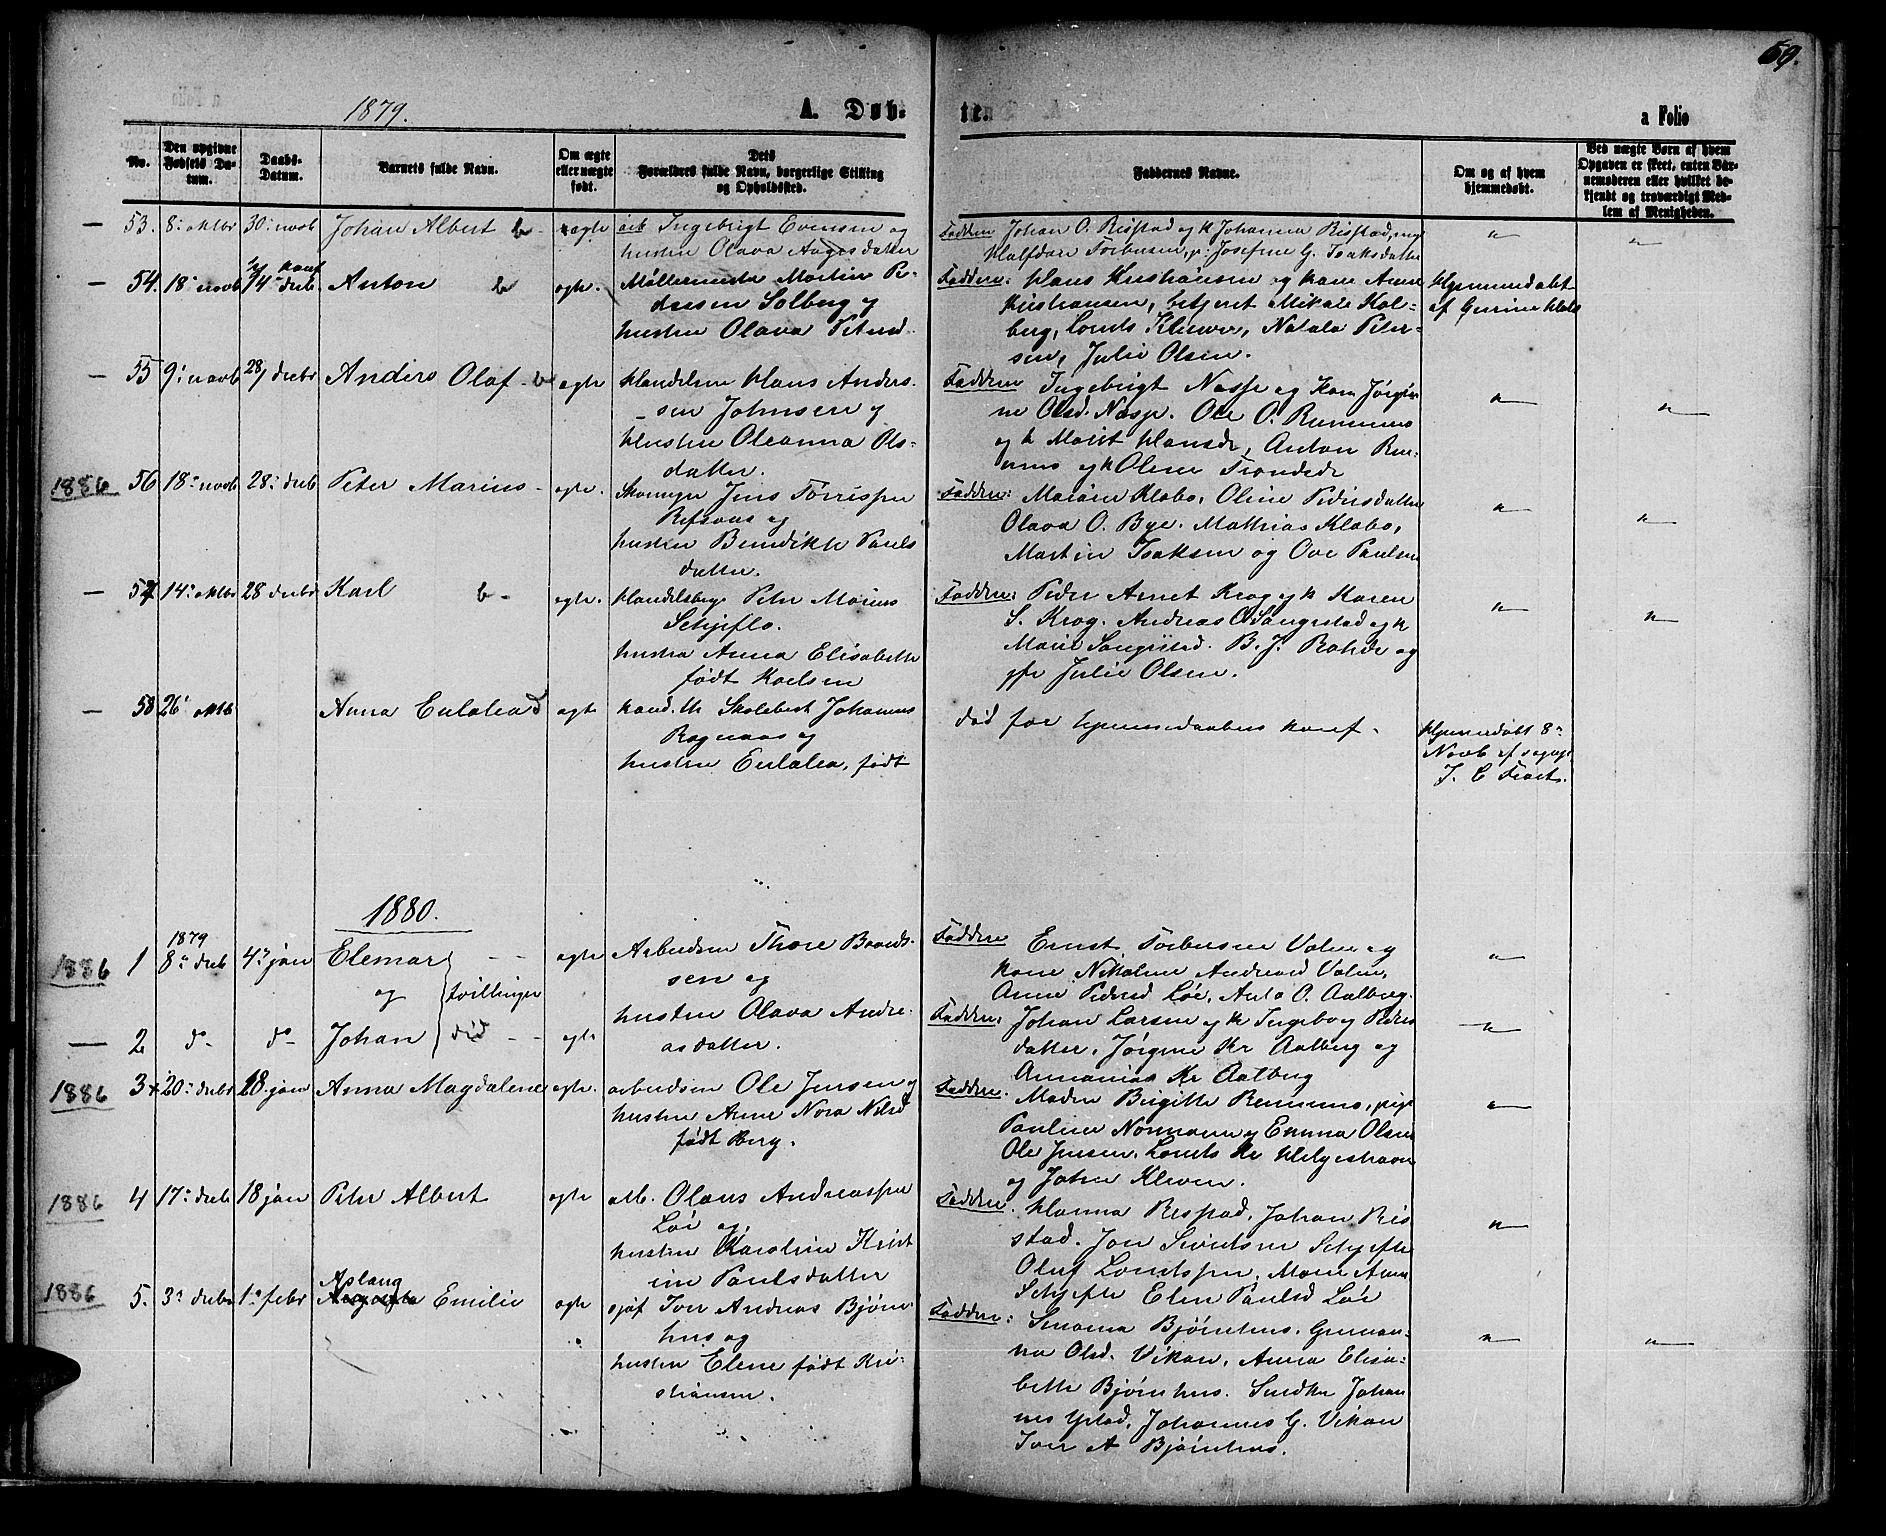 SAT, Ministerialprotokoller, klokkerbøker og fødselsregistre - Nord-Trøndelag, 739/L0373: Klokkerbok nr. 739C01, 1865-1882, s. 60